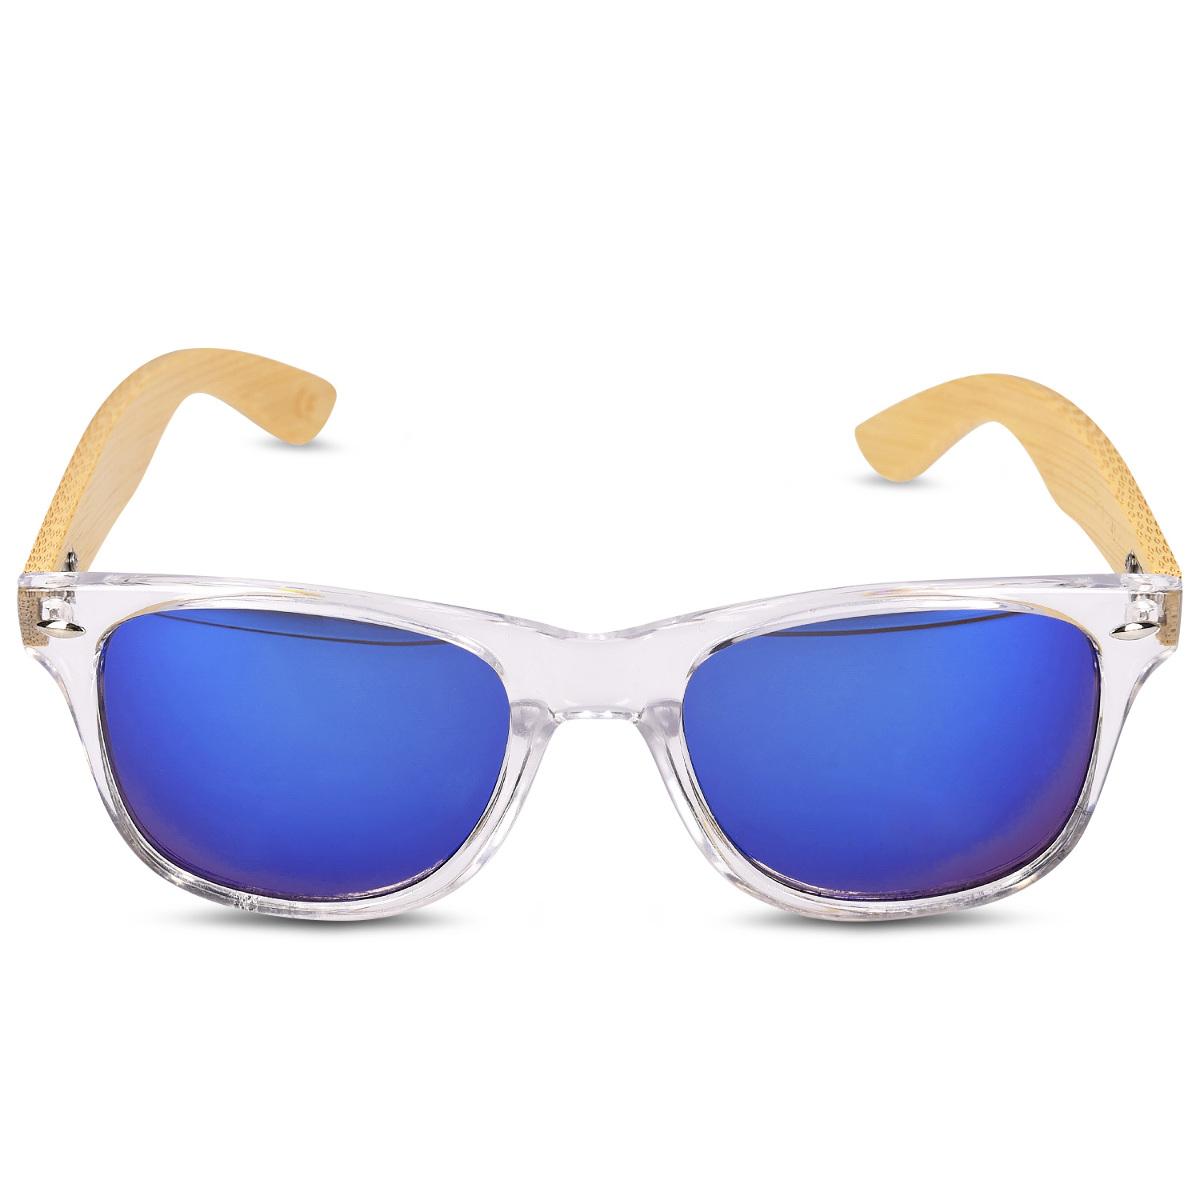 Gafas-de-sol-de-madera-UV400-para-hombre-y-mujer